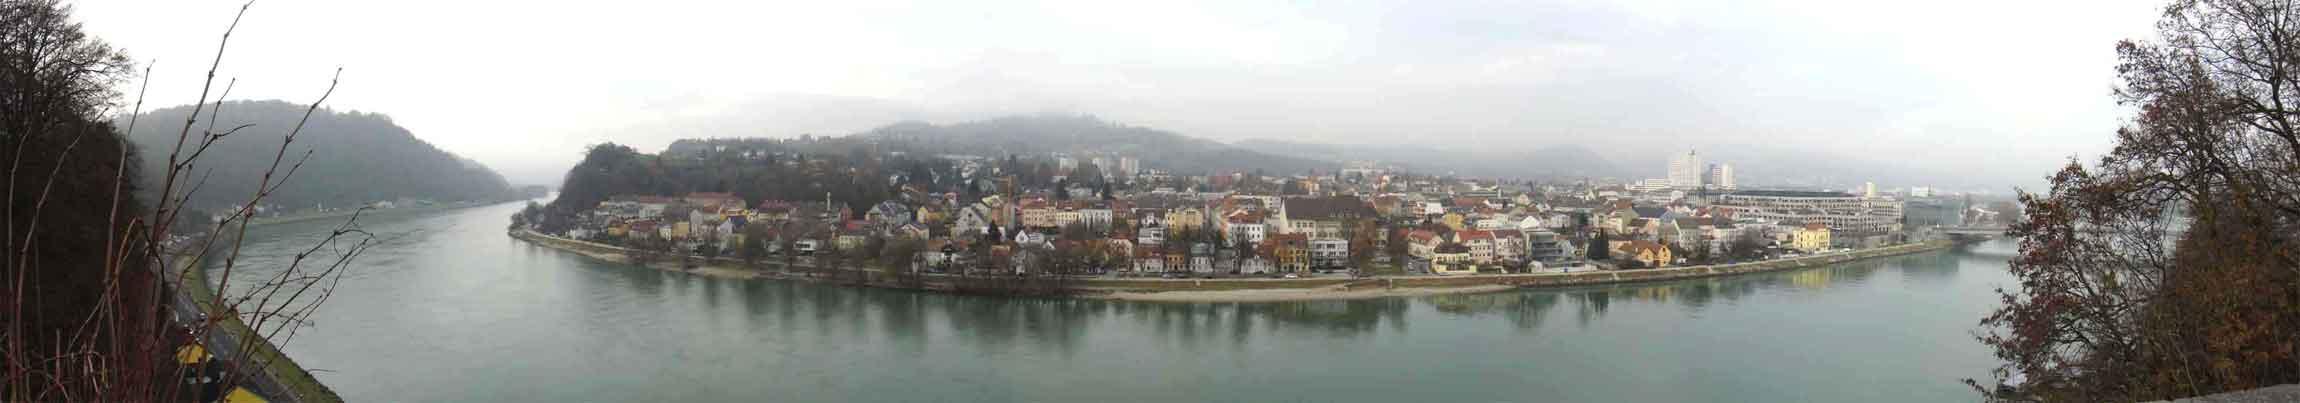 schloss-berg-panorama